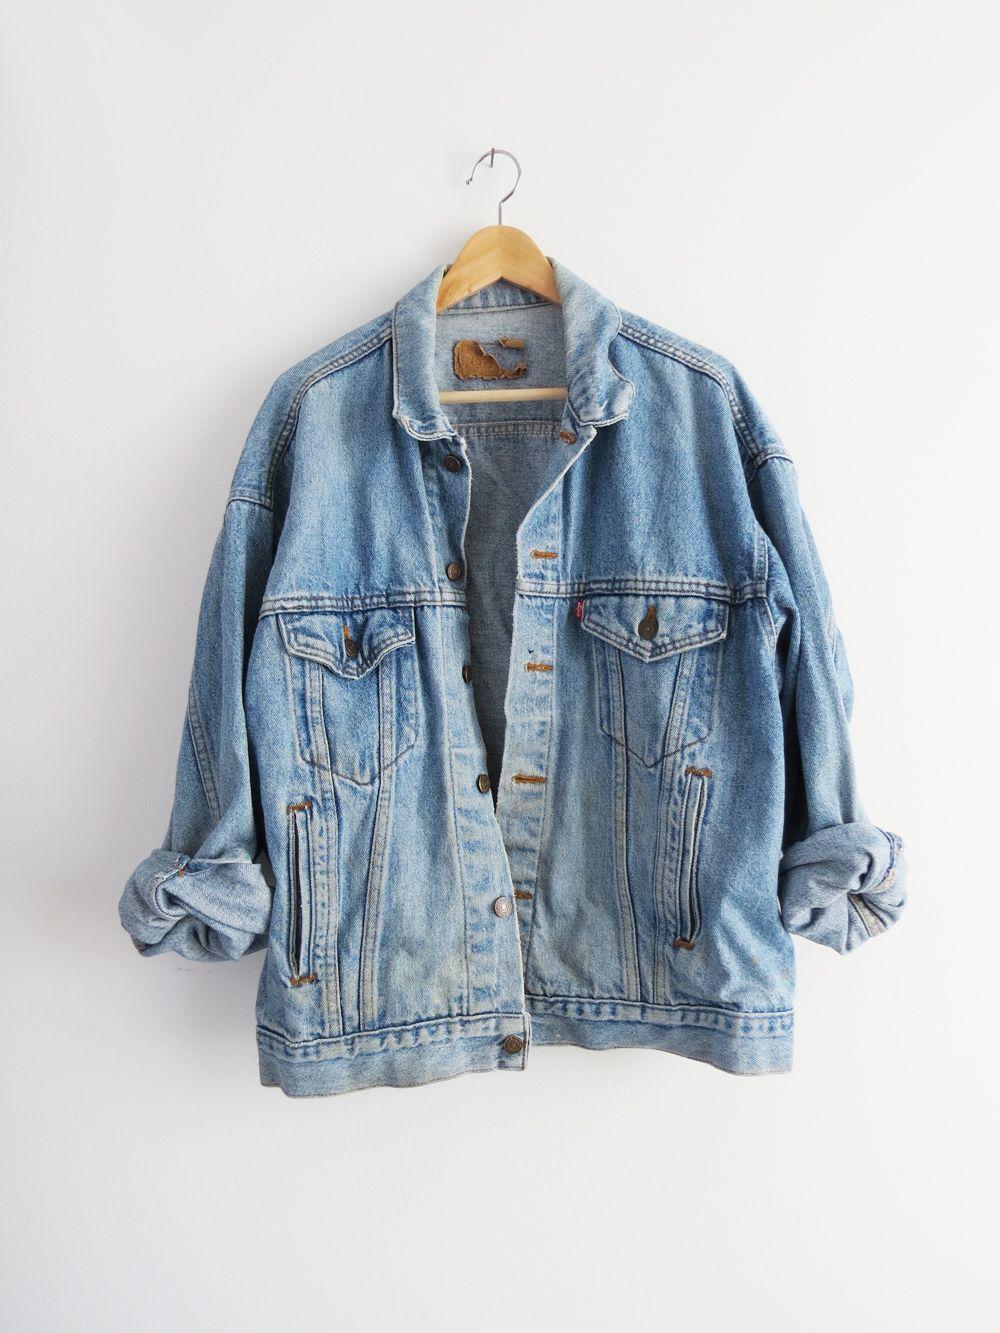 Levis Denim Jacket Vintage Jean Jacket Sold Vintage Jean Jacket Vintage Denim Jacket Vintage Jeans